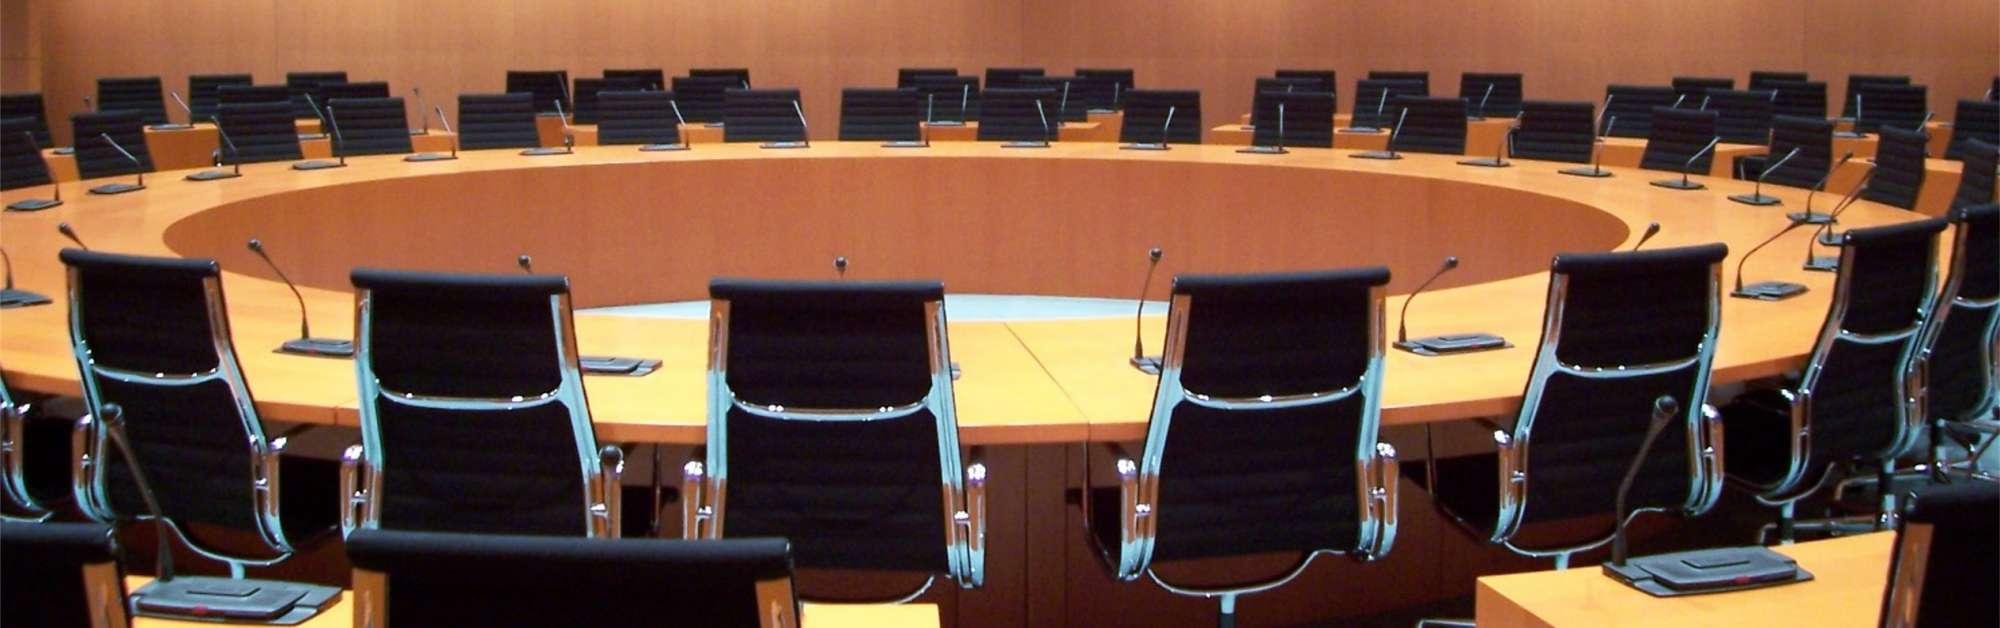 Sitzung Kommune Besprechung Beratung MTG Wirtschaftskanzlei Bayern